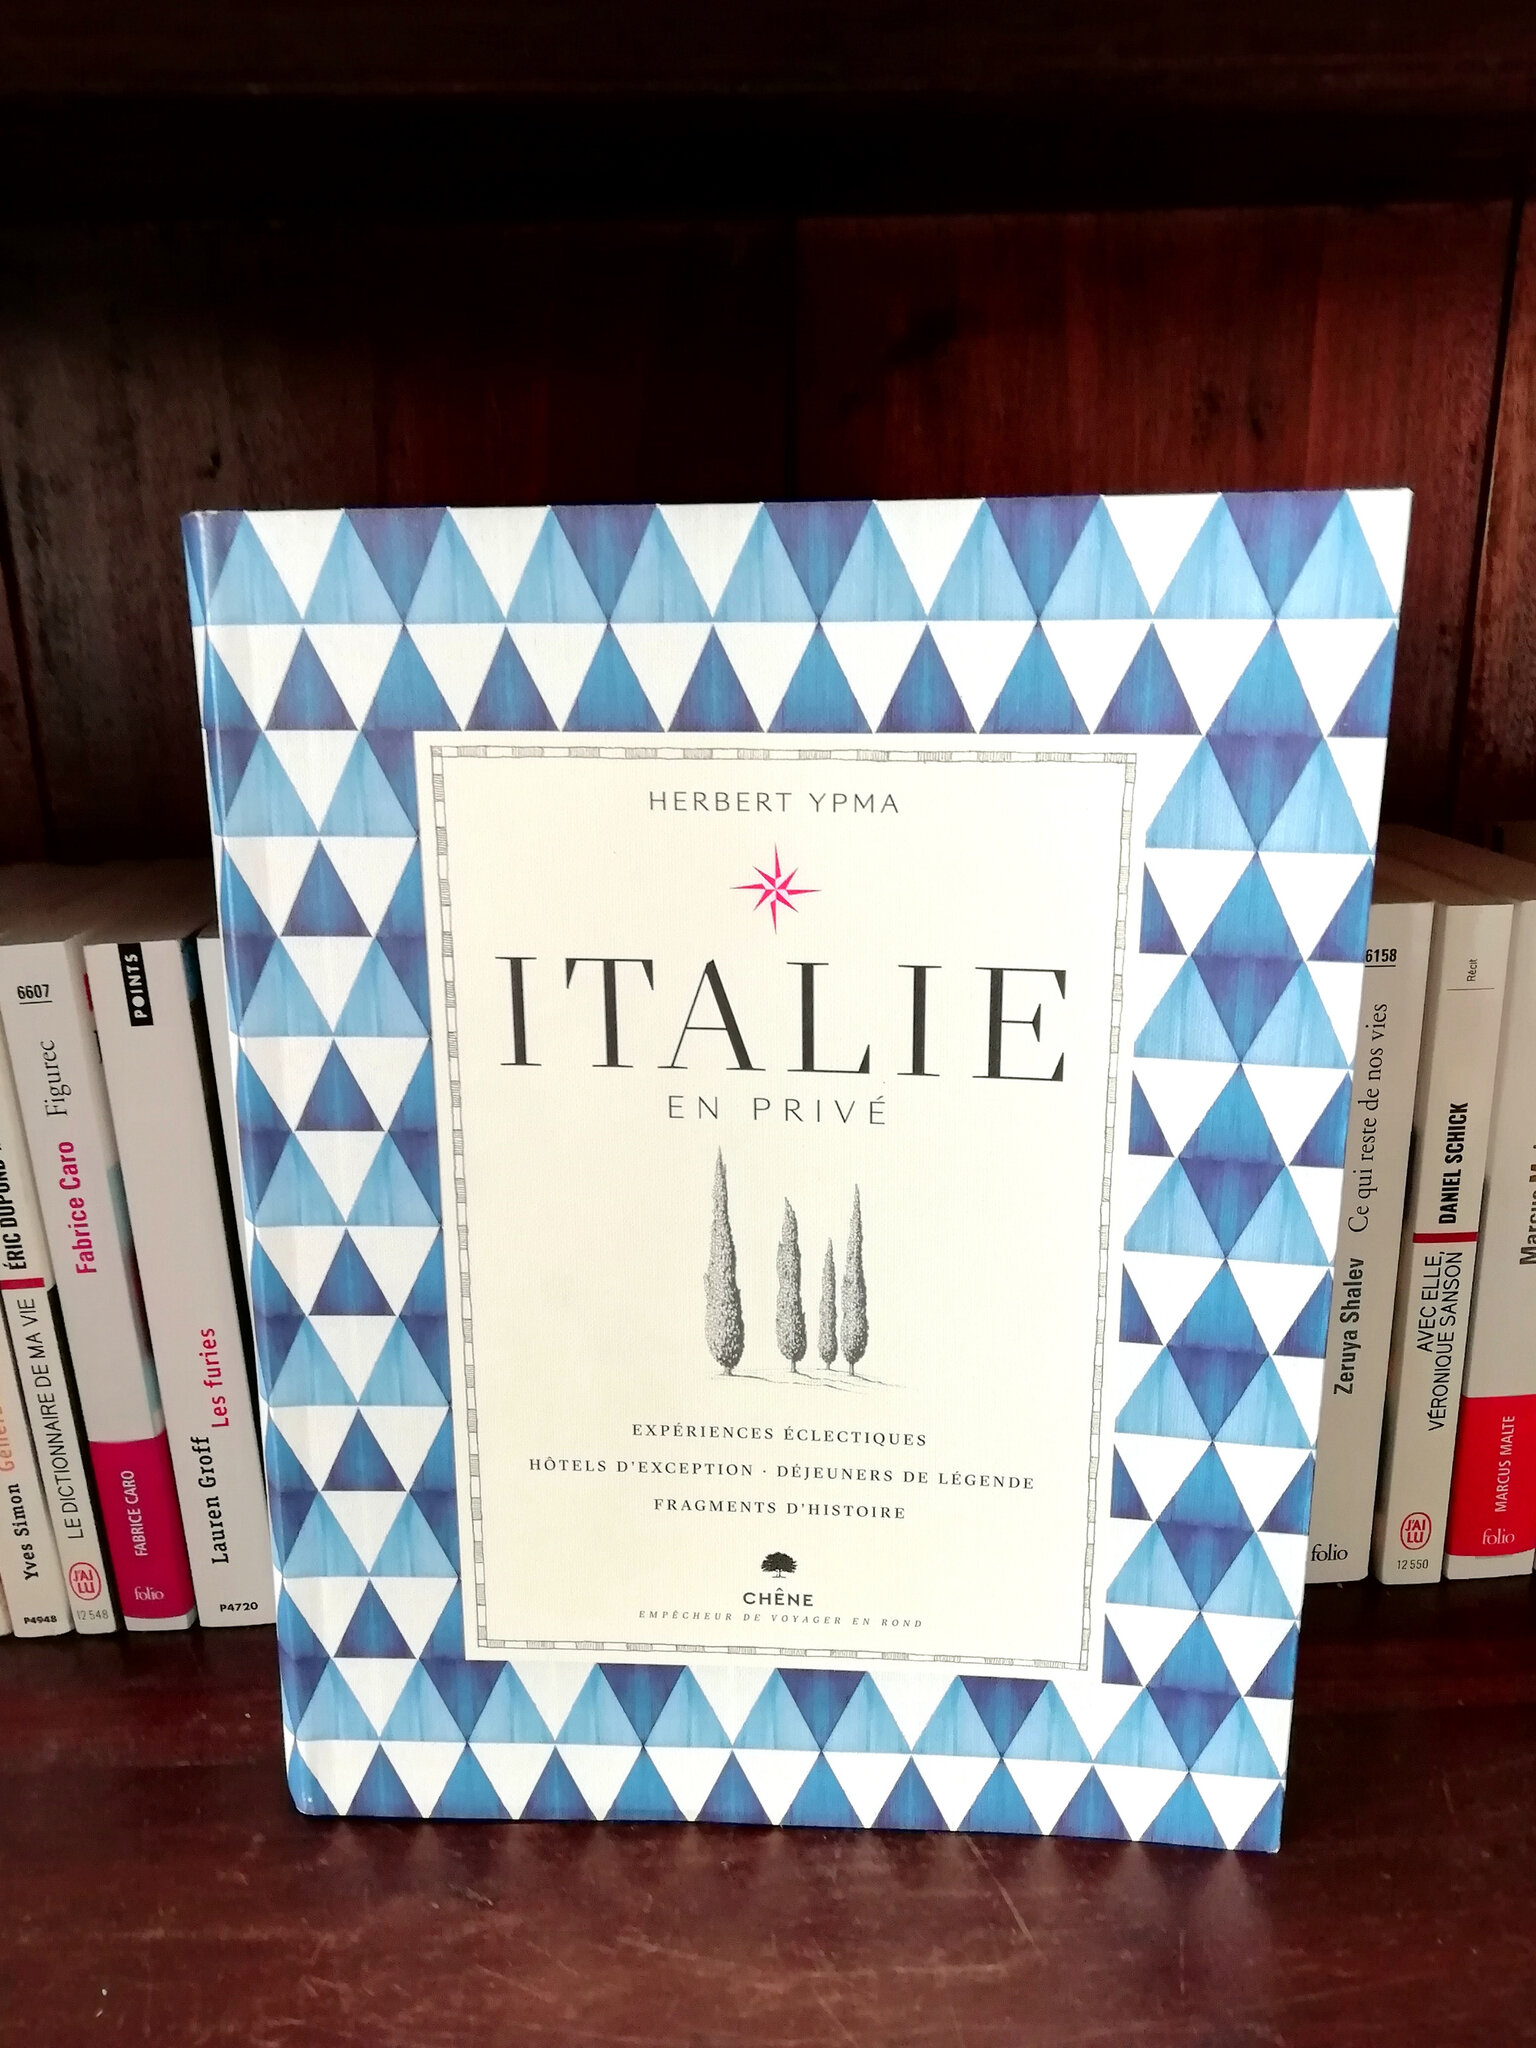 L Italie En Prive Un Beau Livre Qui Nous Fait Toucher Du Doigt Le Dolce Vita Baz Art Des Films Des Livres